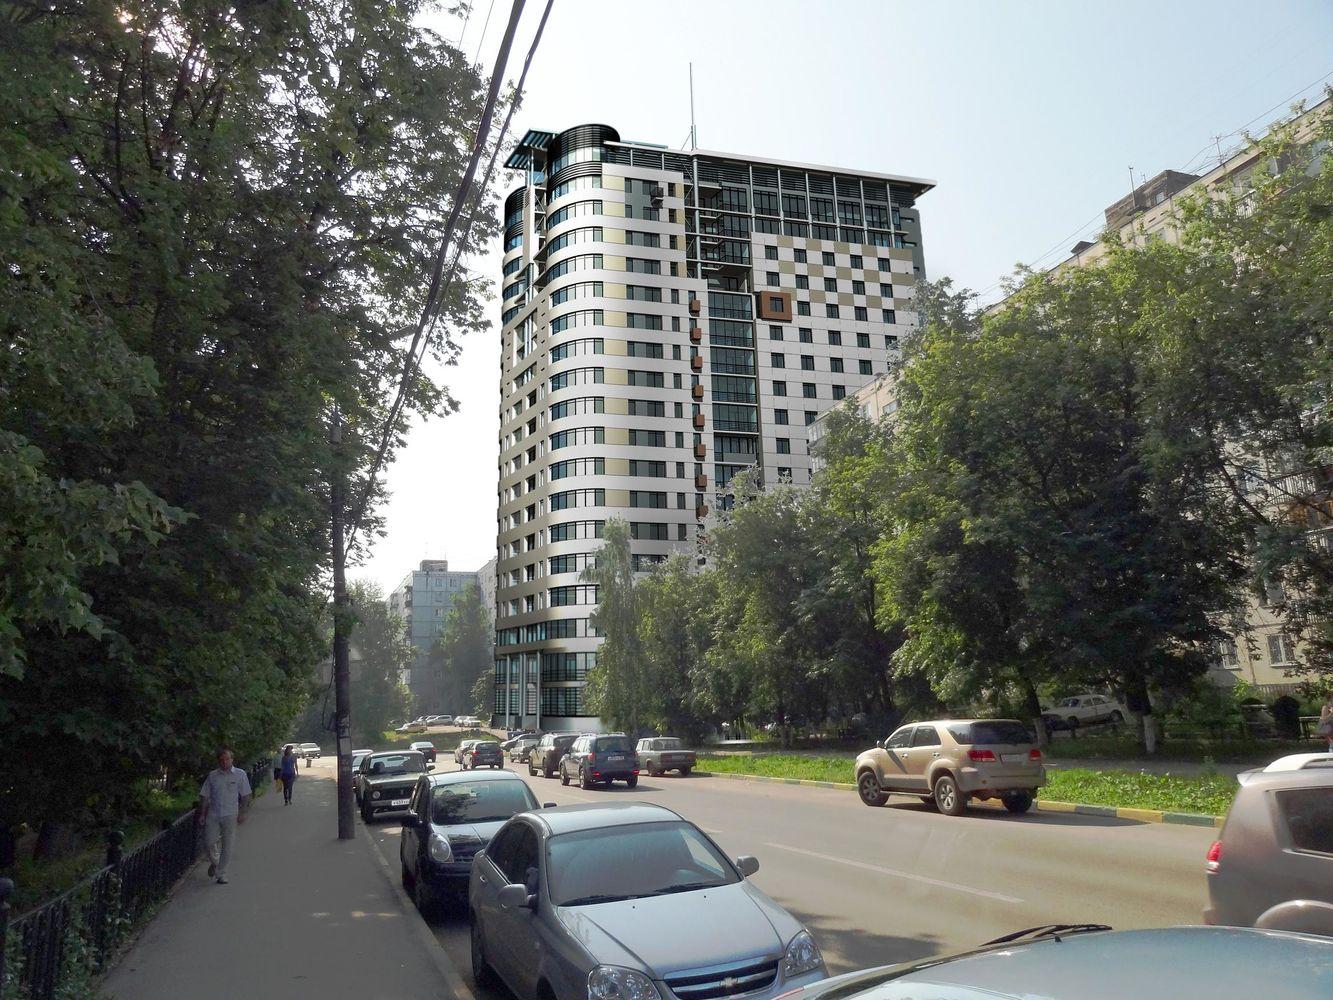 Жилой комплекс (ЖК) «Командор» в Нижнем Новгороде - фото 1